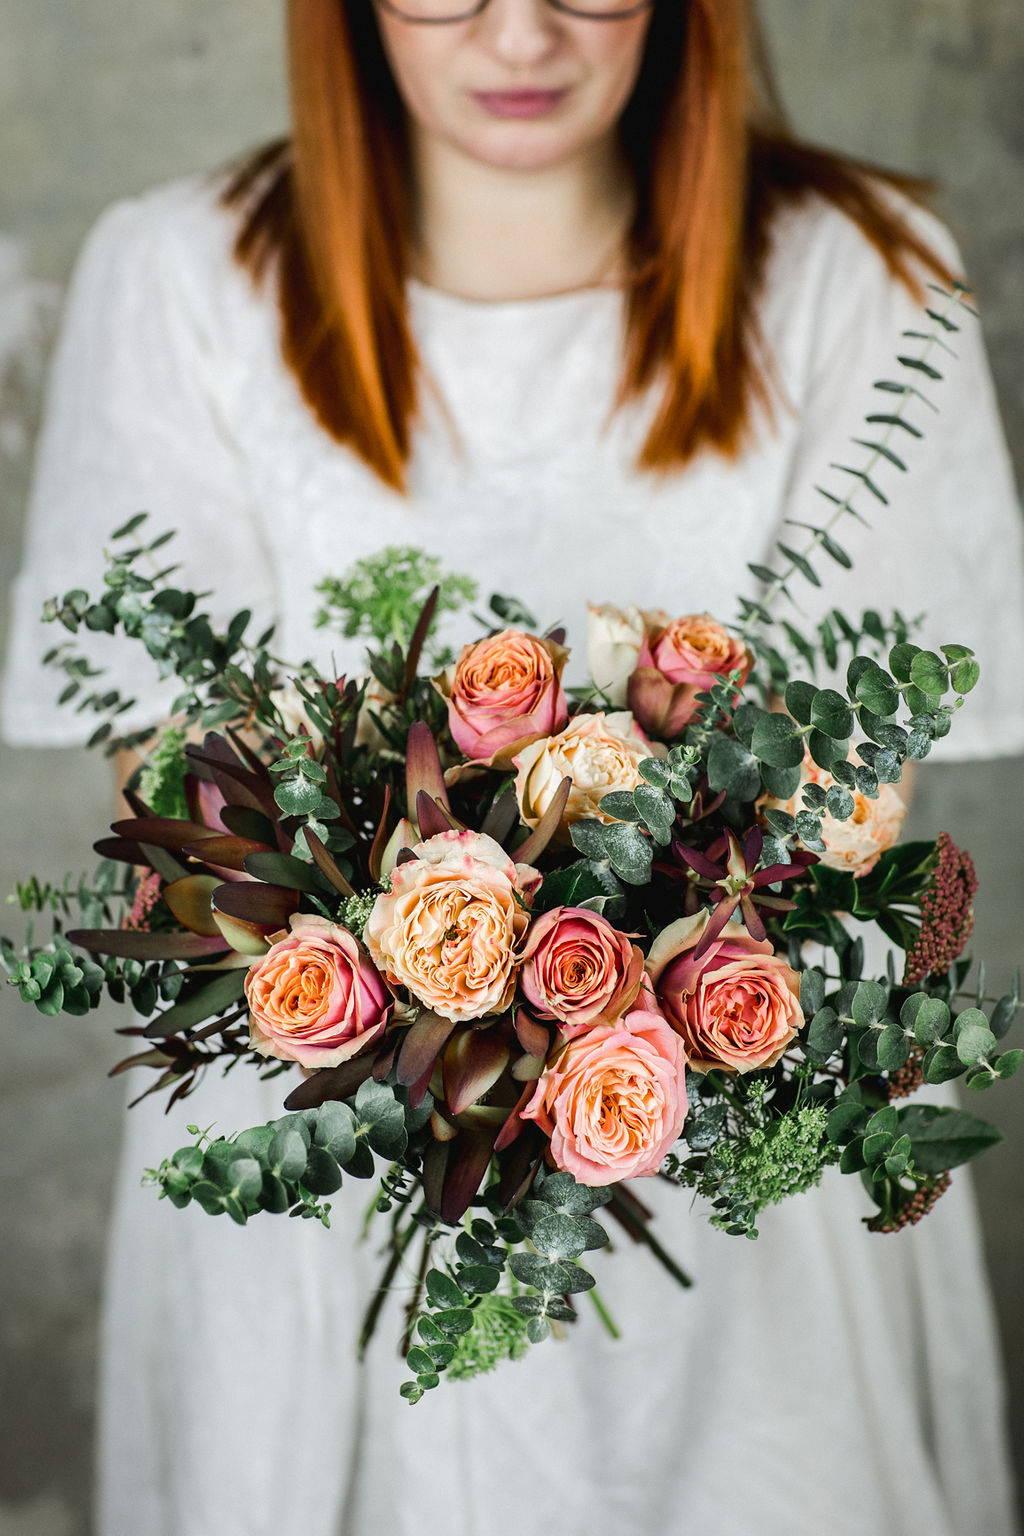 Salome-Floristik-Dresden_Brautstrauss mit Hortensie